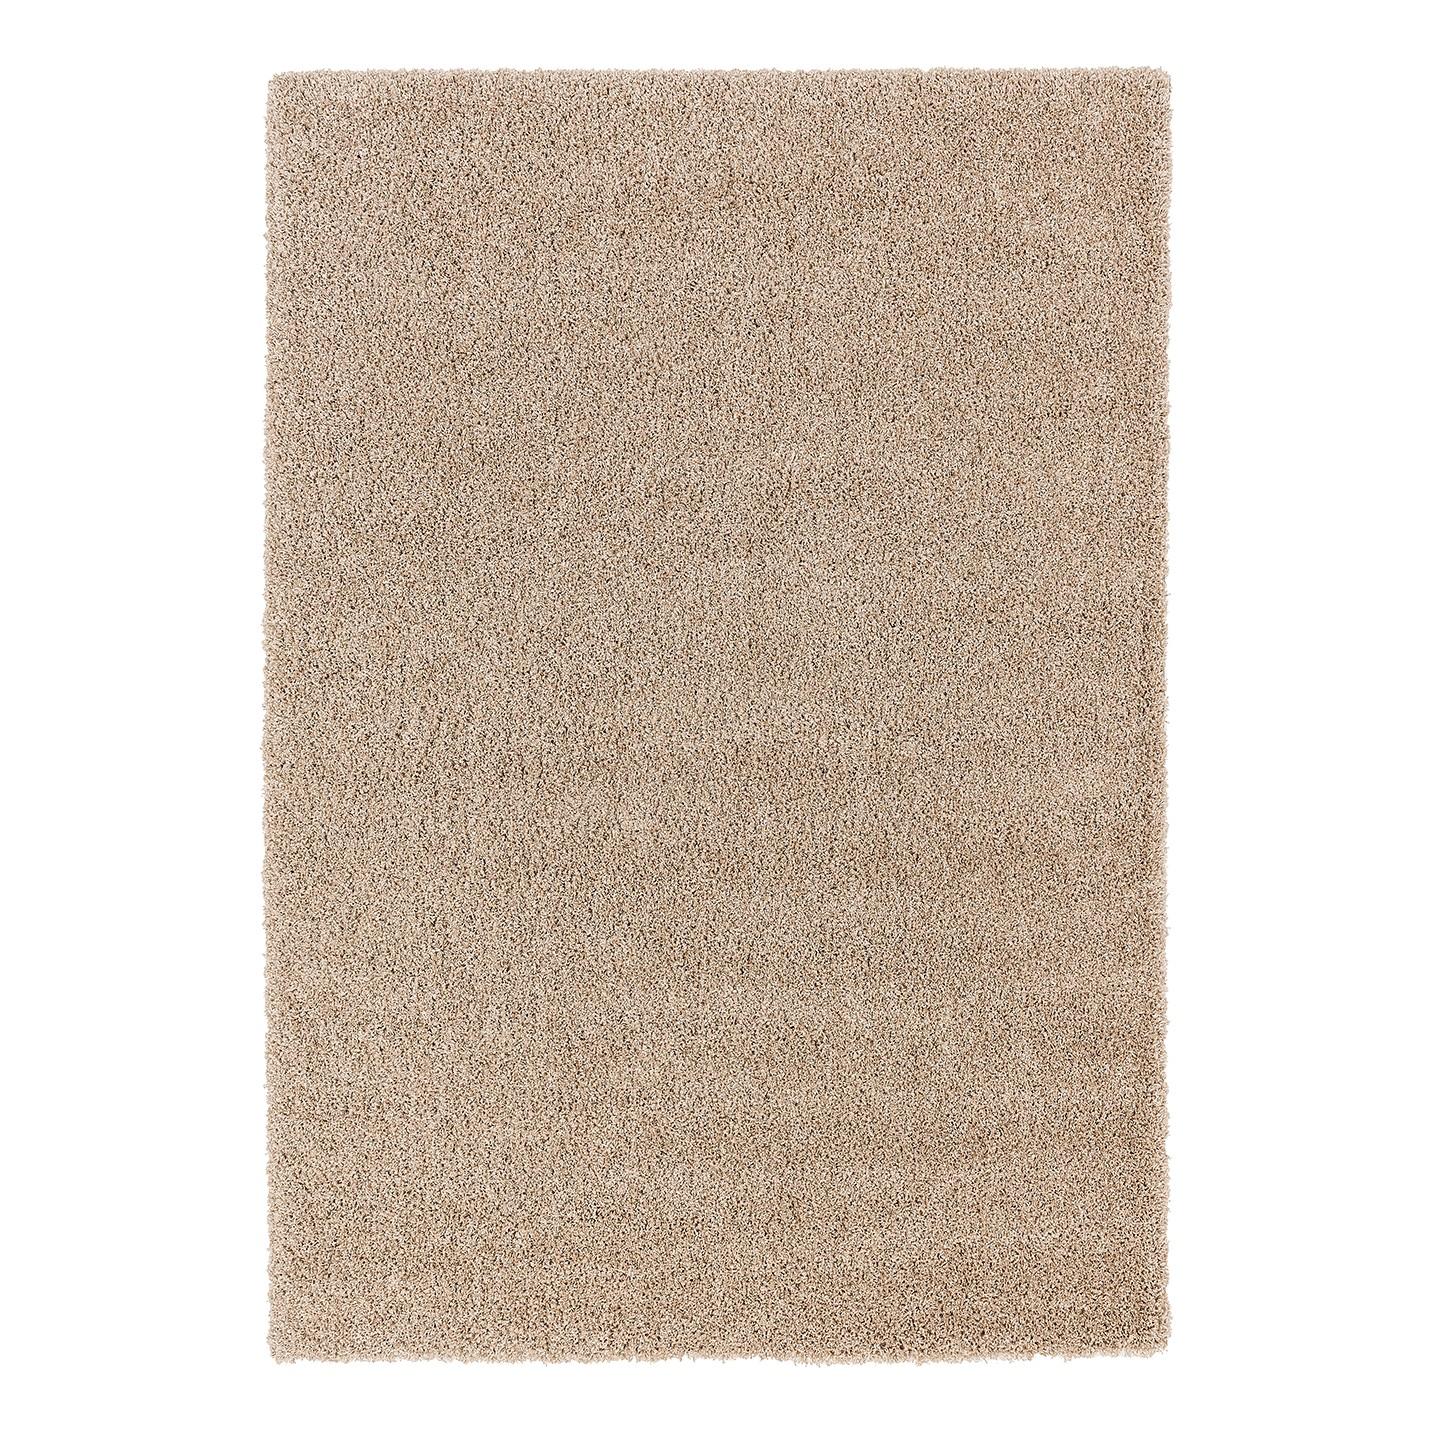 Teppich Energy - Kunstfaser - Beige, Schöner Wohnen Kollektion